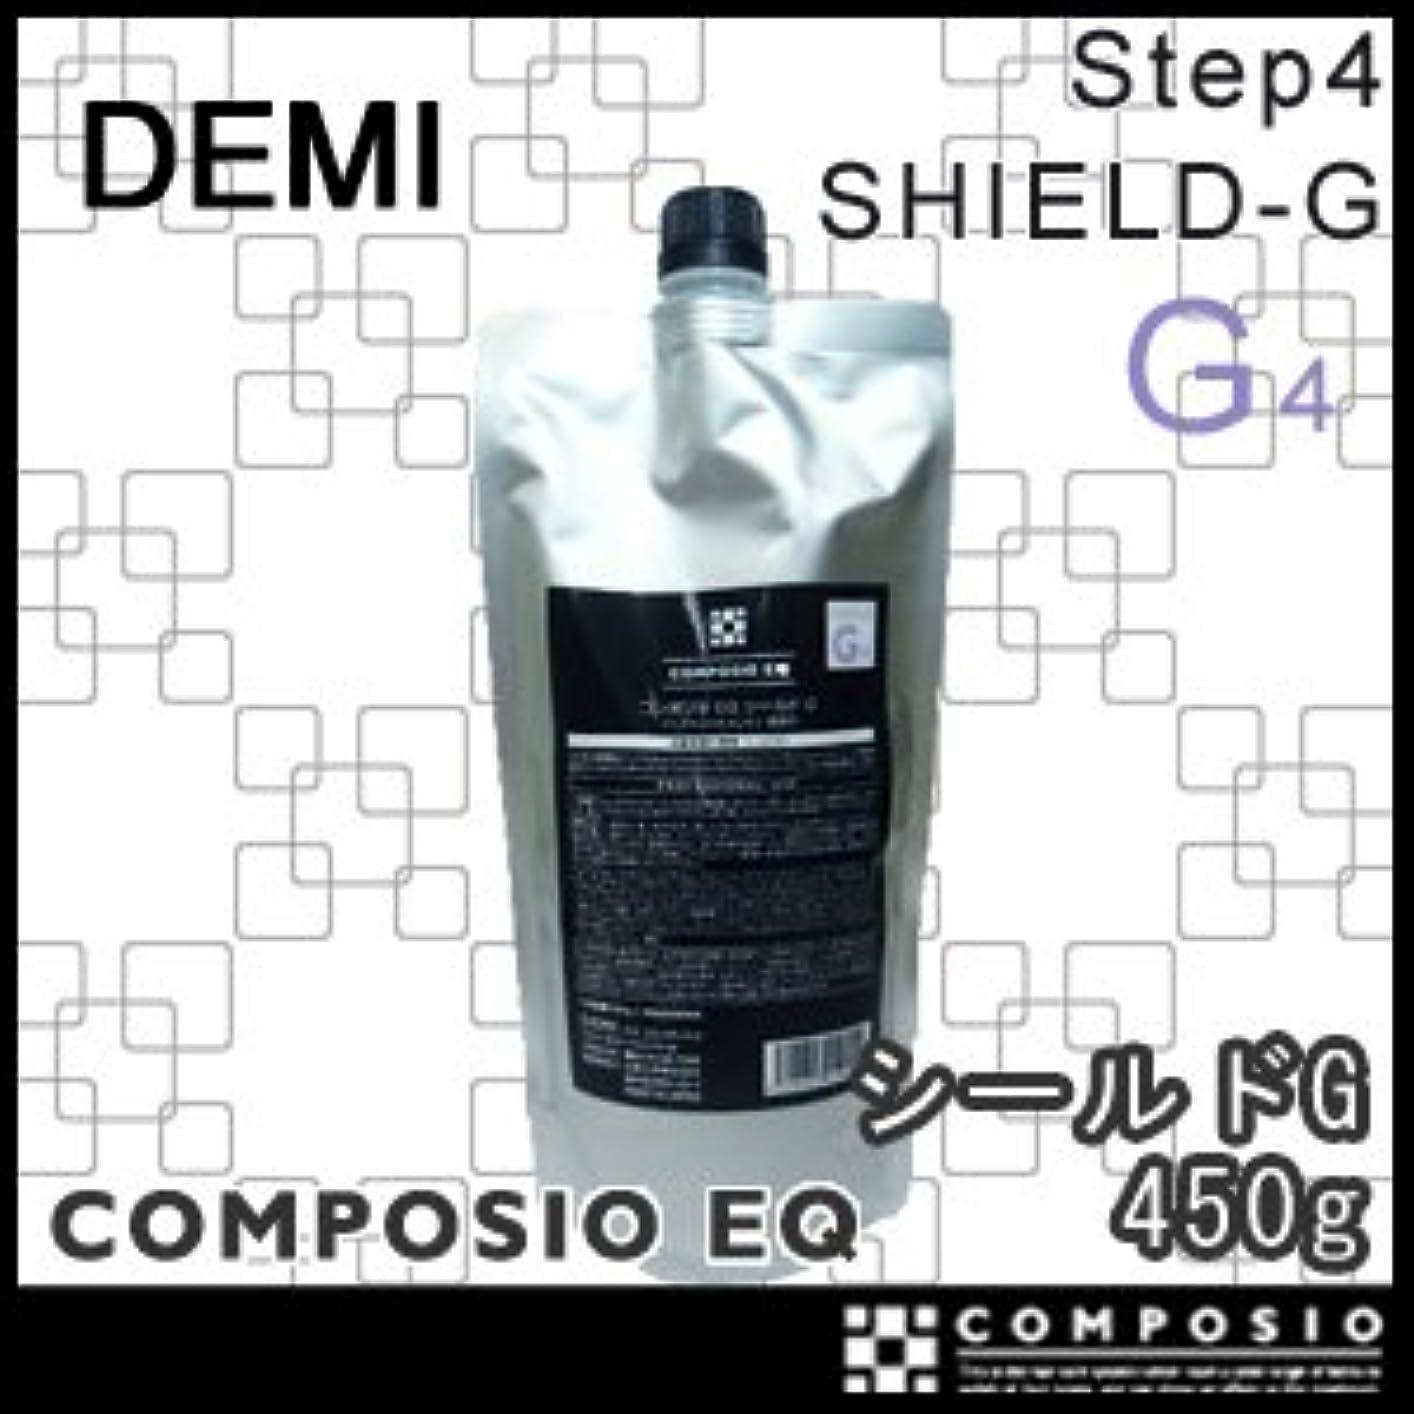 加速度素晴らしい良い多くの風味デミ コンポジオ EQ シールド G 詰替え しっとりタイプ 450g